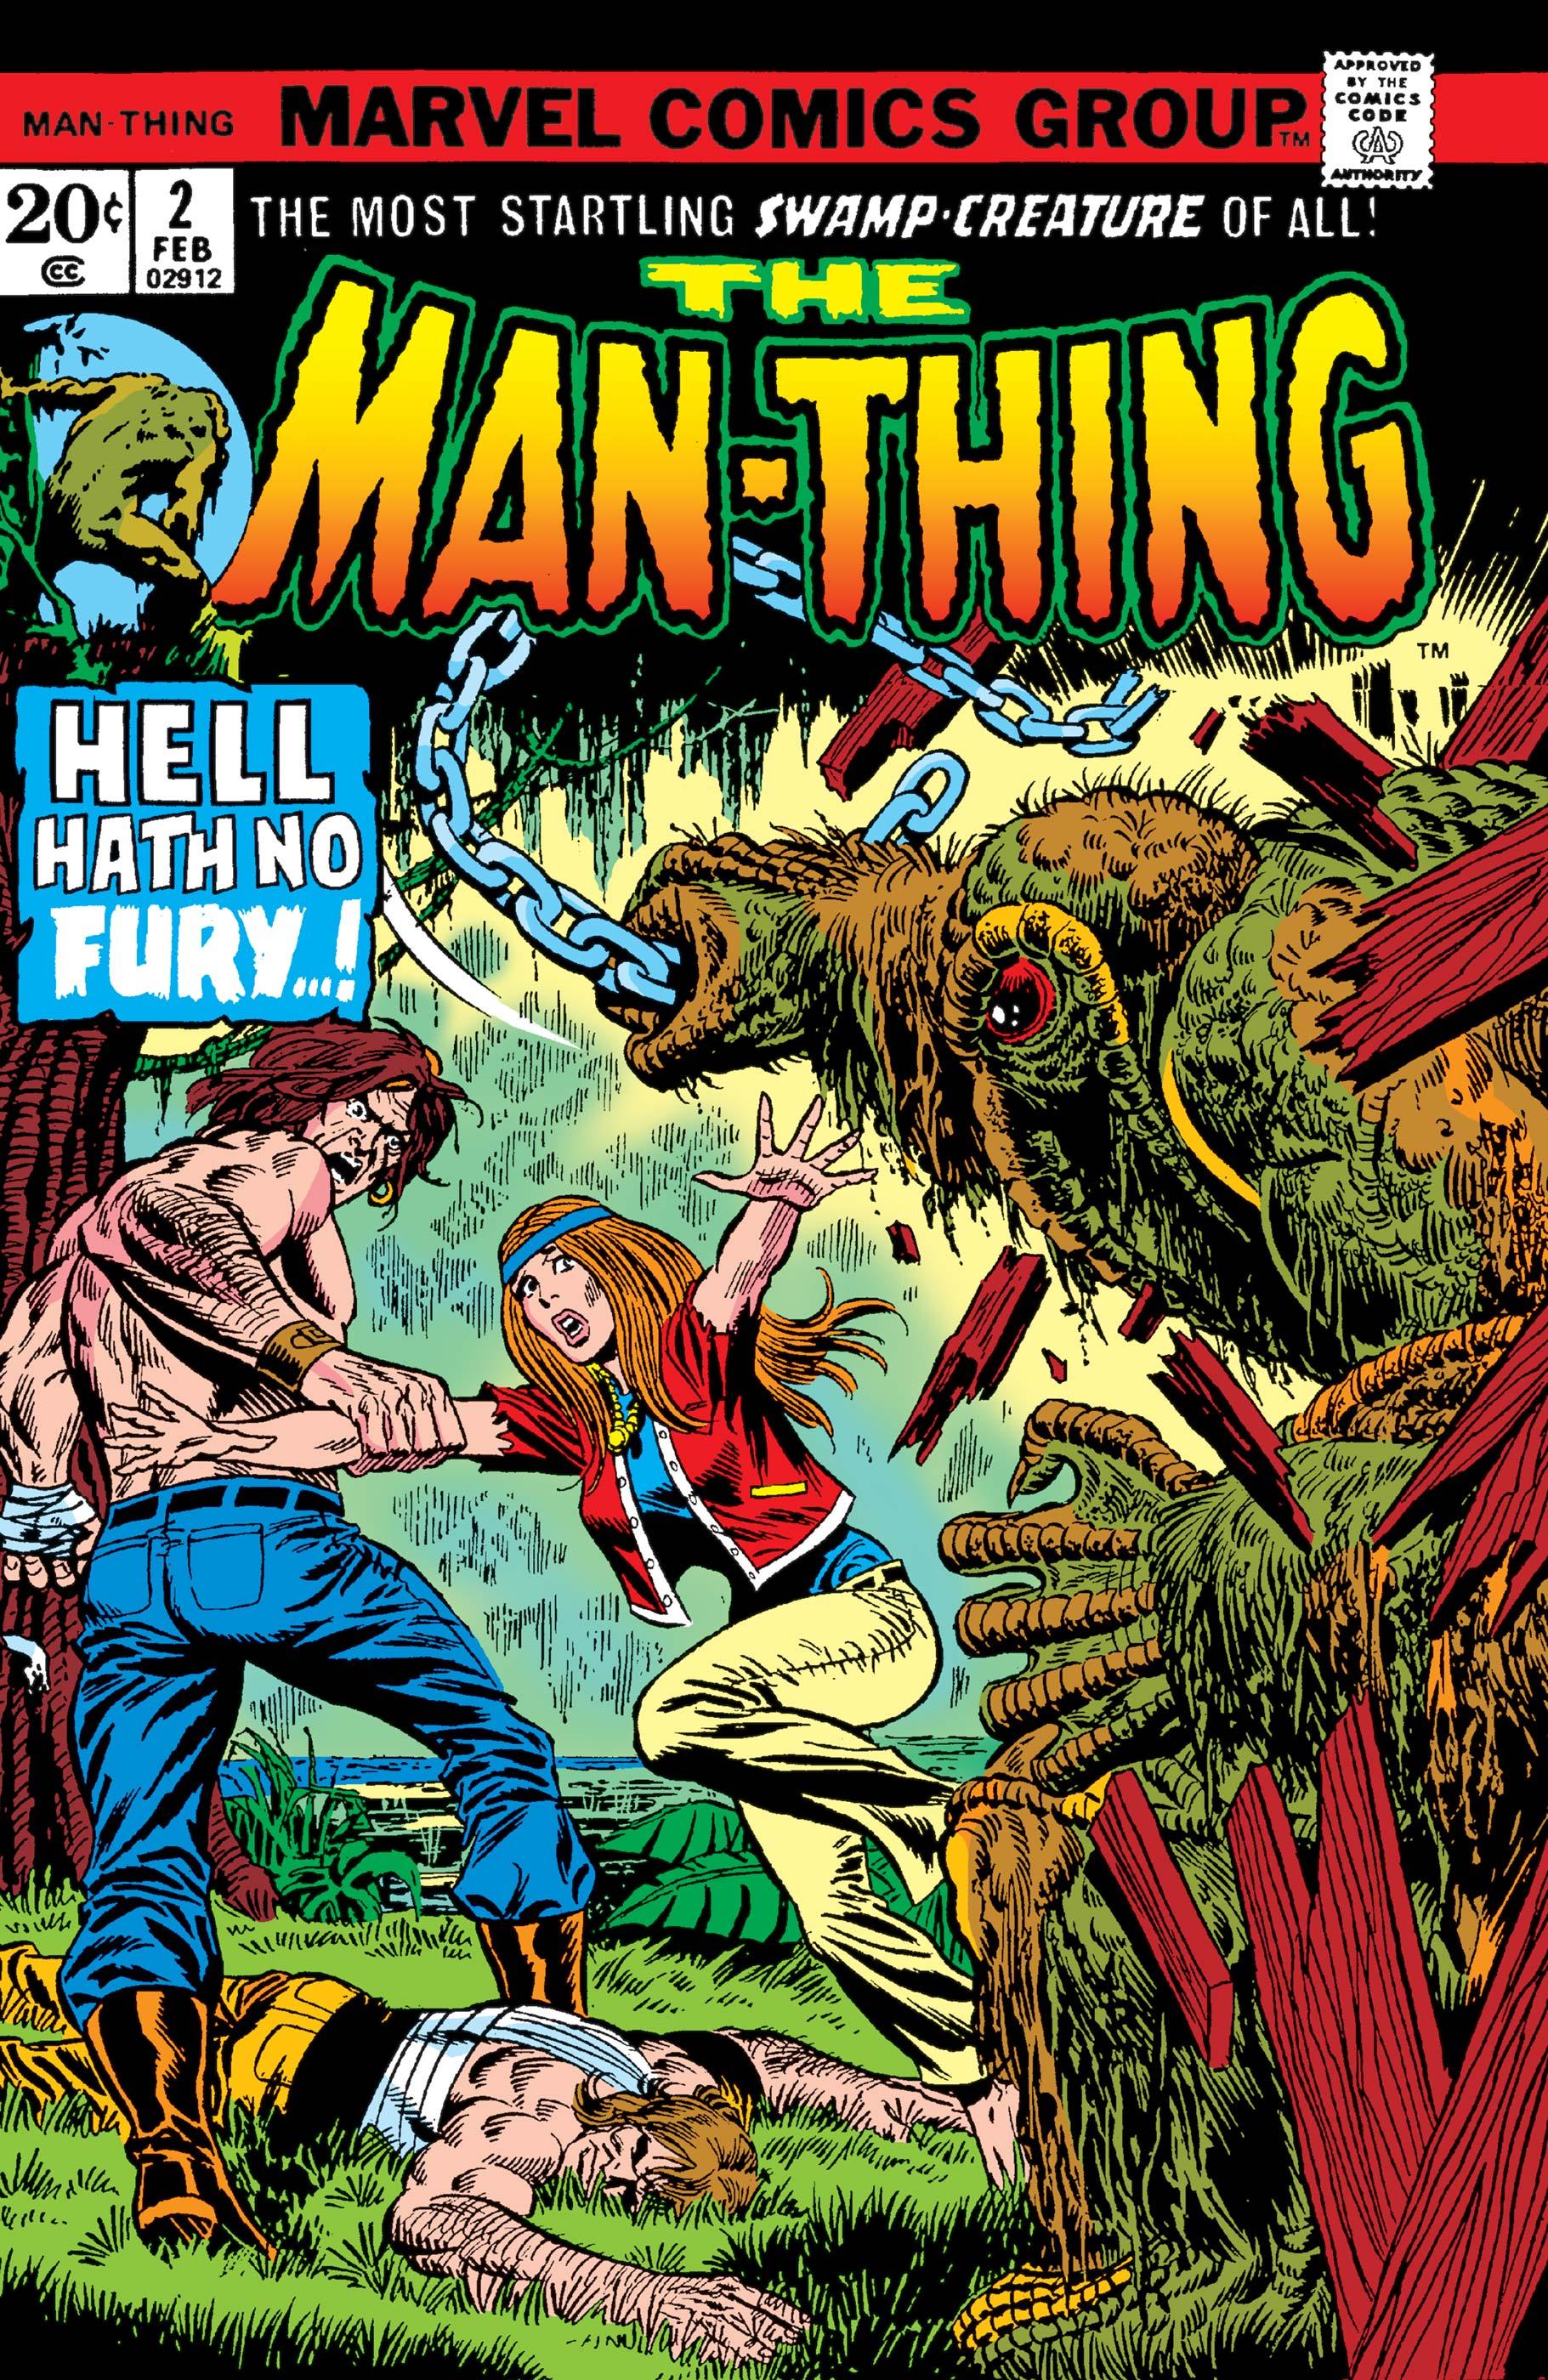 Man-Thing (1974) #2